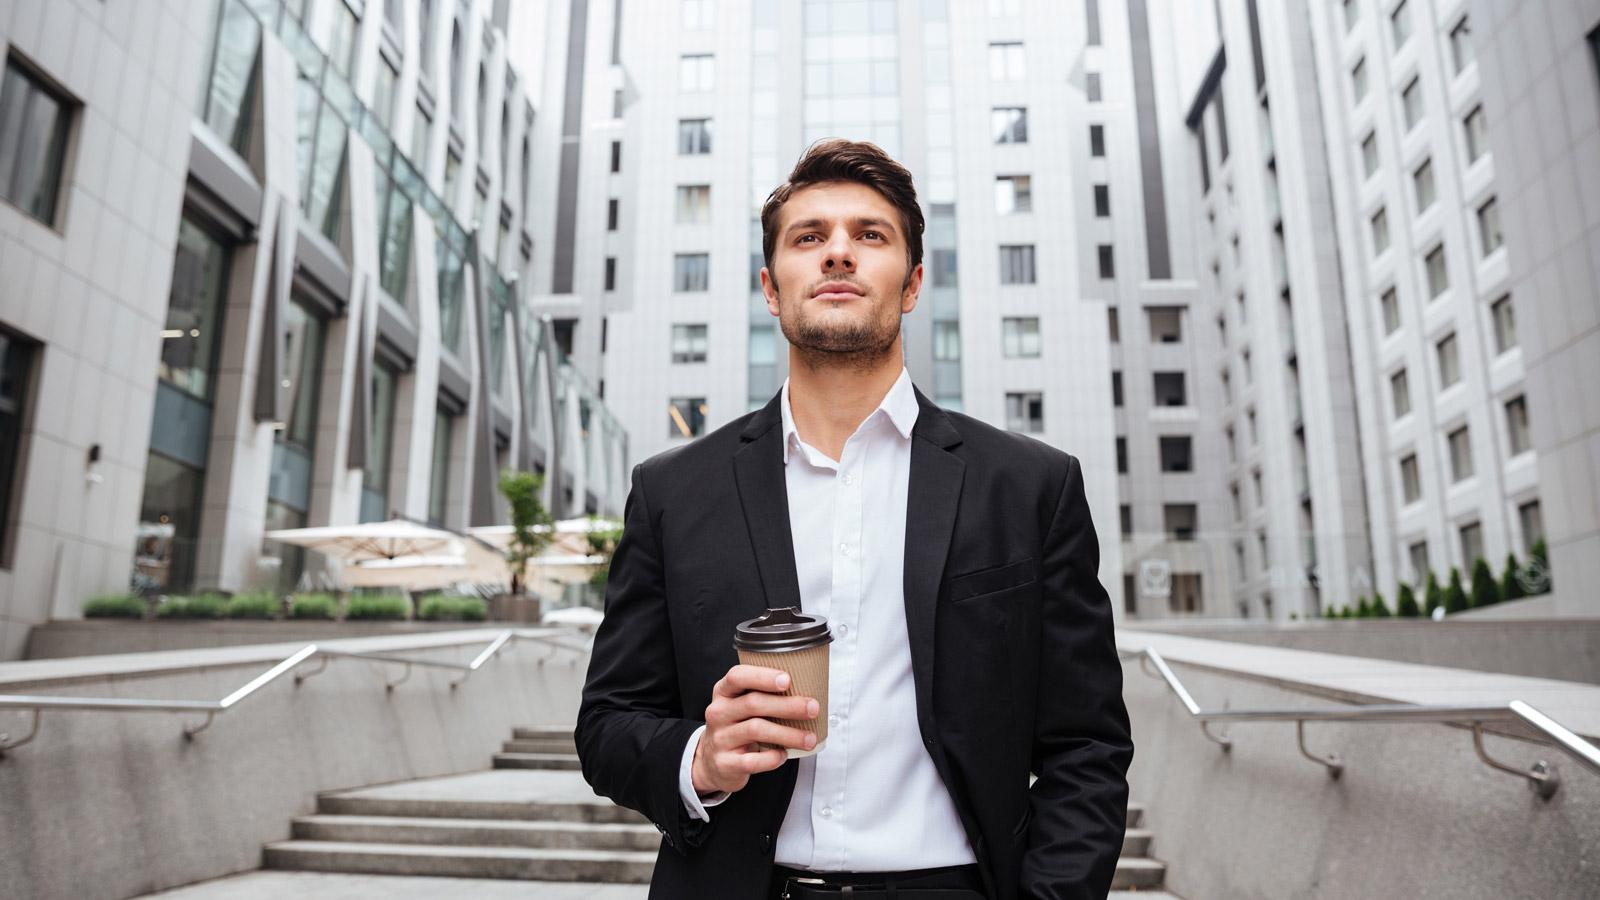 Polscy CEO najbardziej aktywni w mediach społecznościowych [RAPORT] Social media mediarun mezczyzna sukces ceo social media 2020